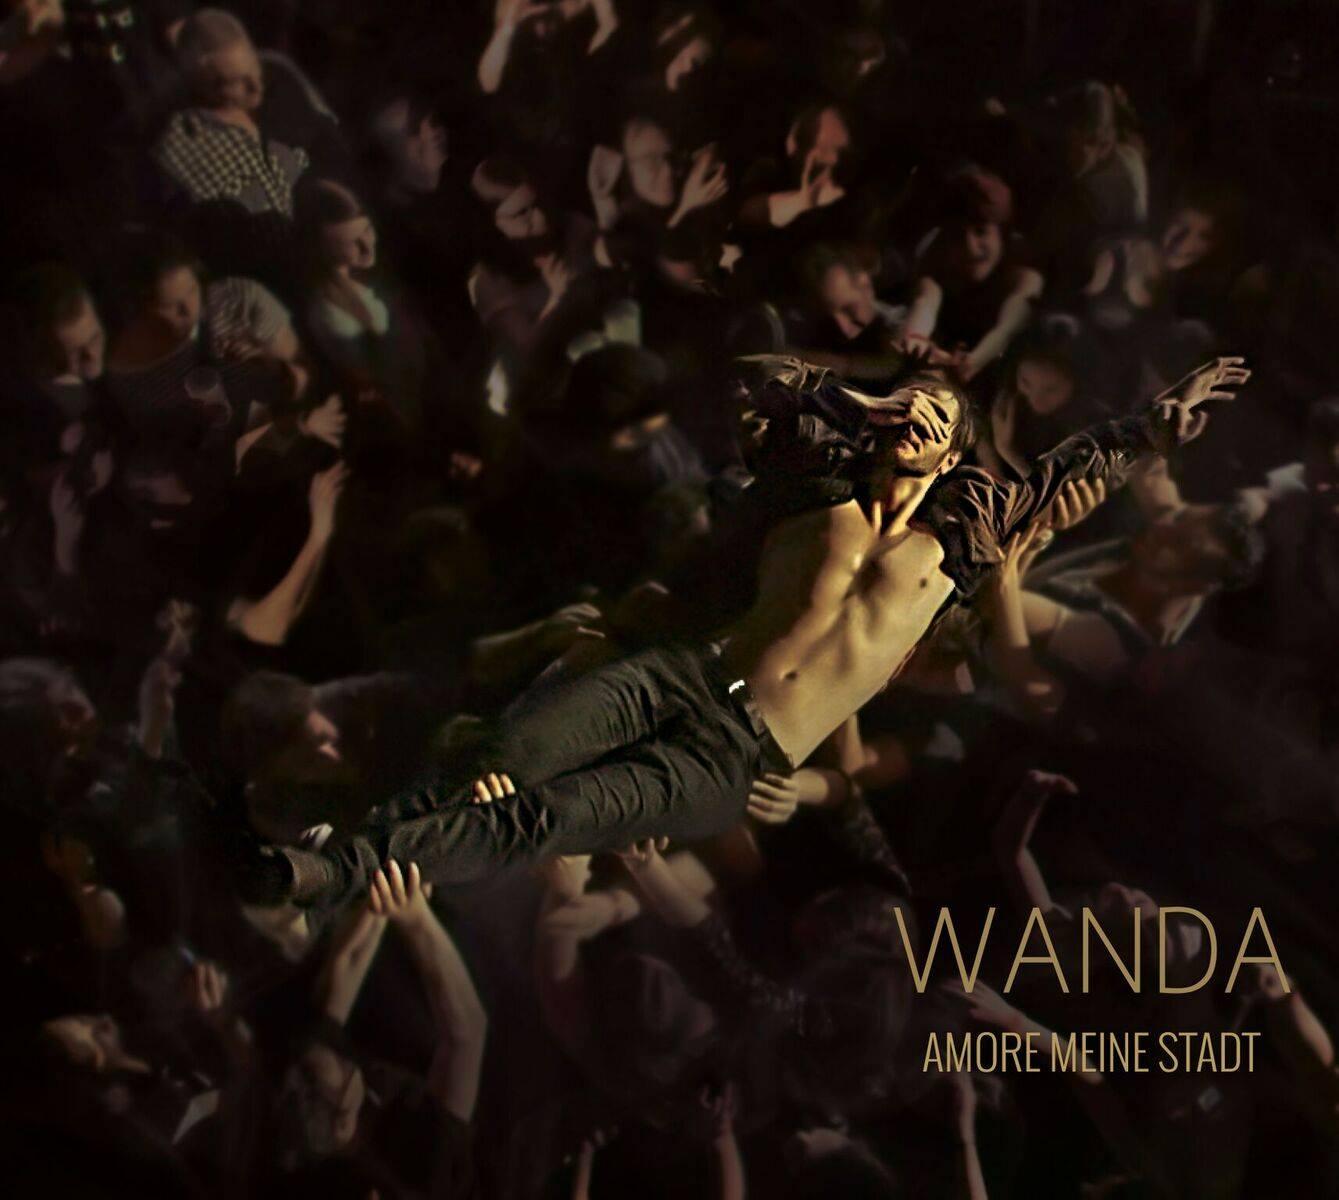 Wanda – AMORE MEINE STADT, VÖ: 21.10.2016